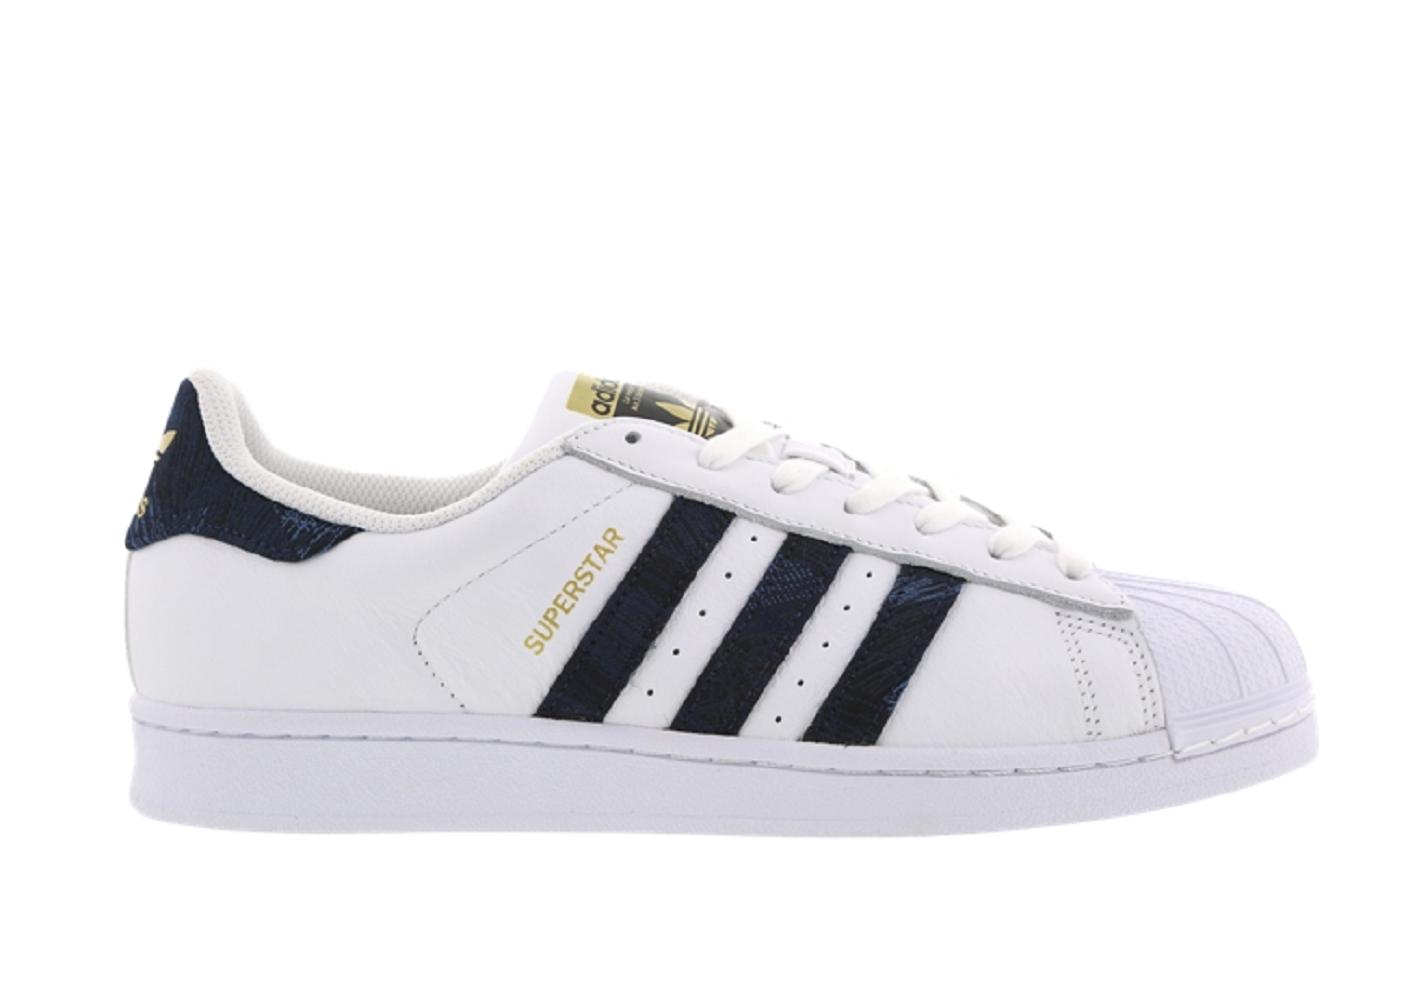 Herren Adidas Superstar weiße Sportschuhe Leder Sportschuhe weiße s76806 32e3c8